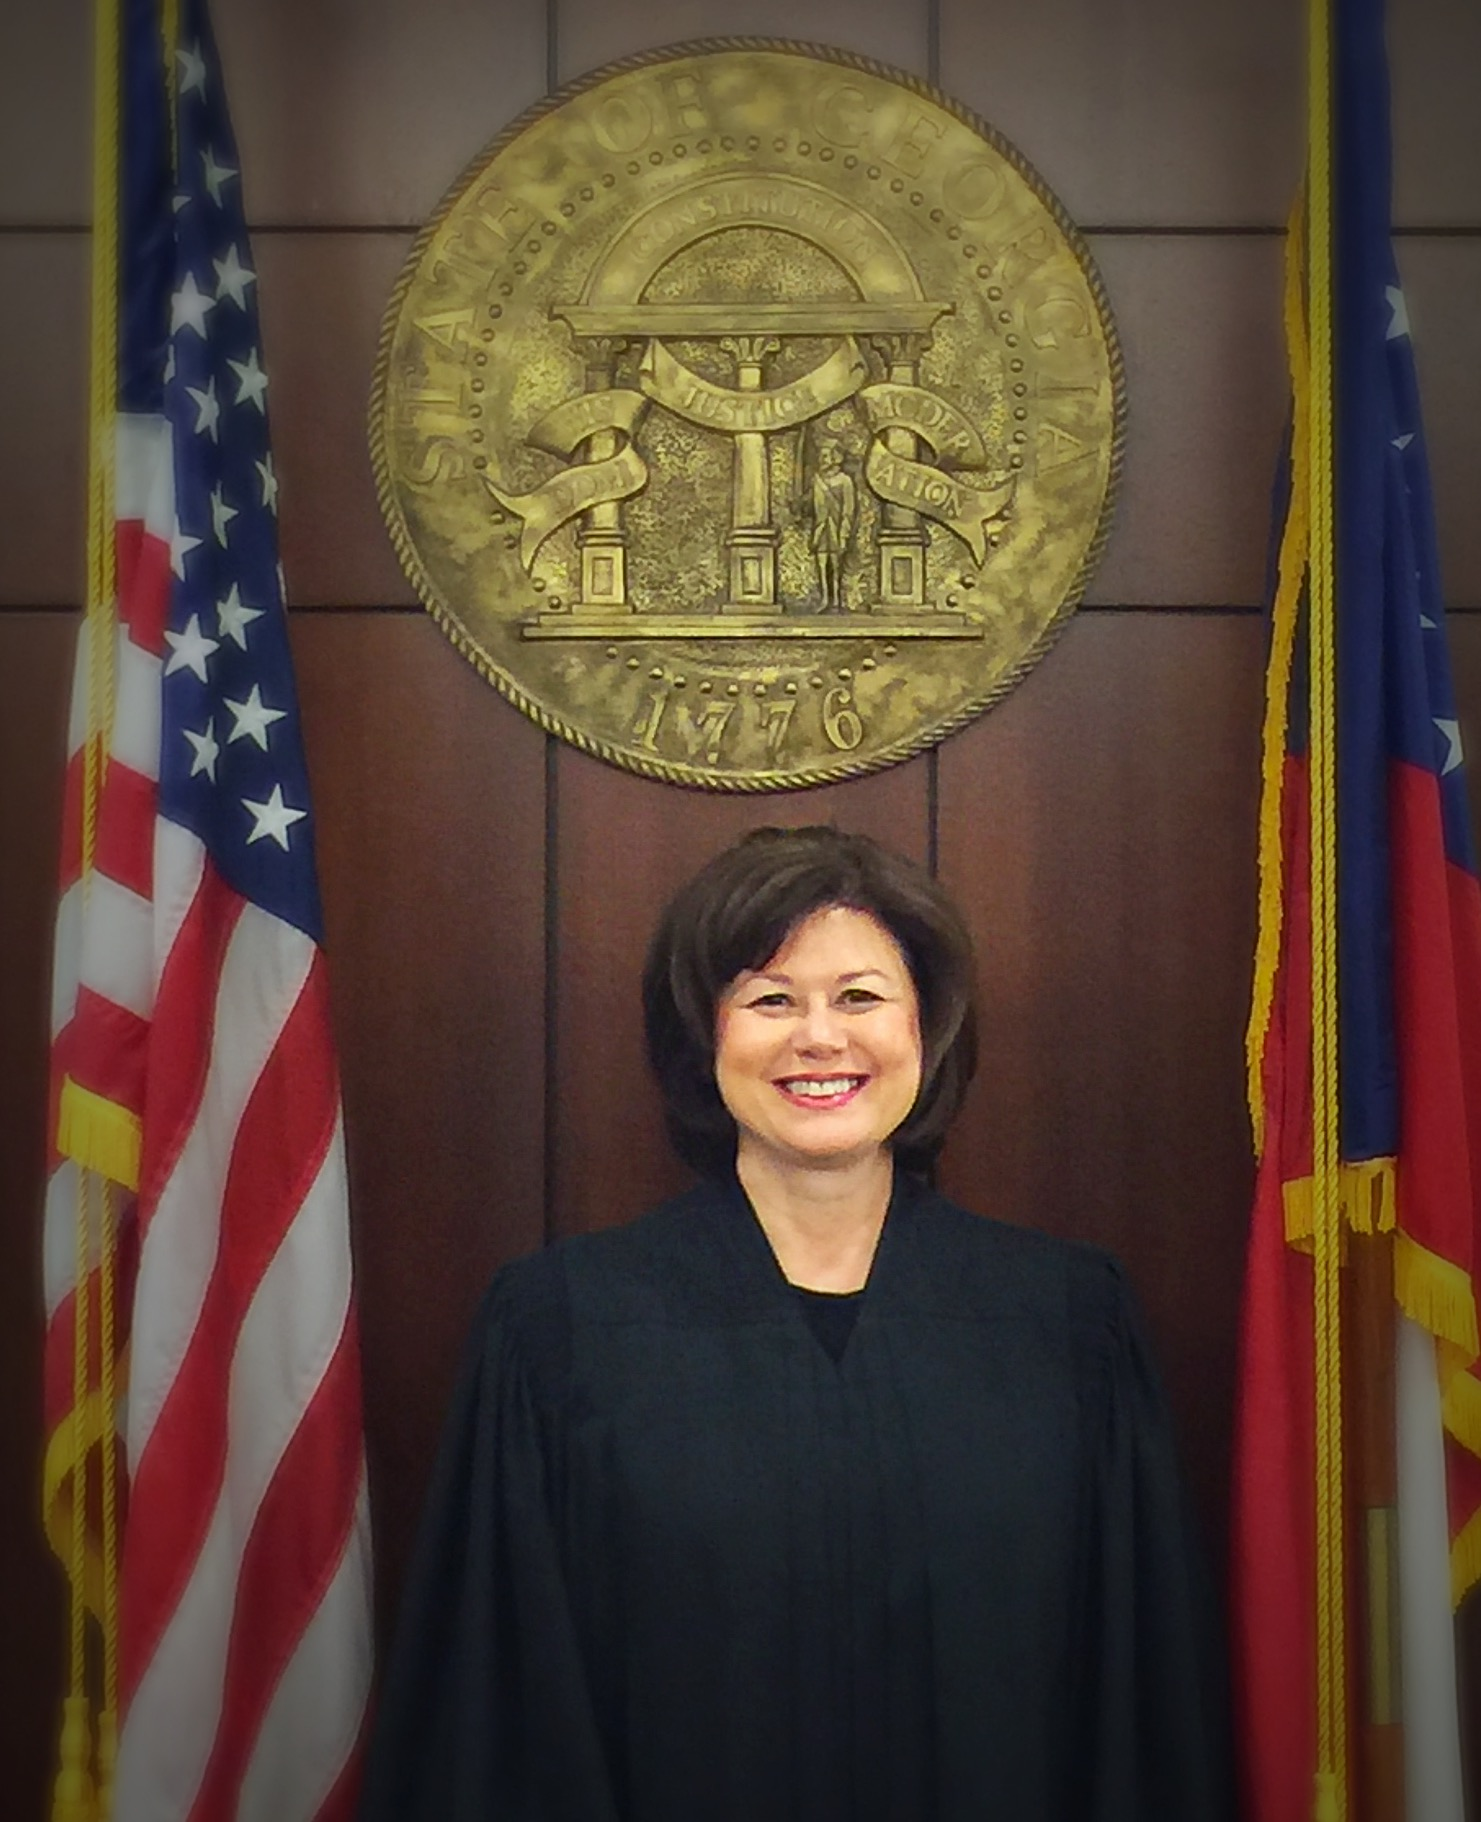 Judge Mary Staley Clark